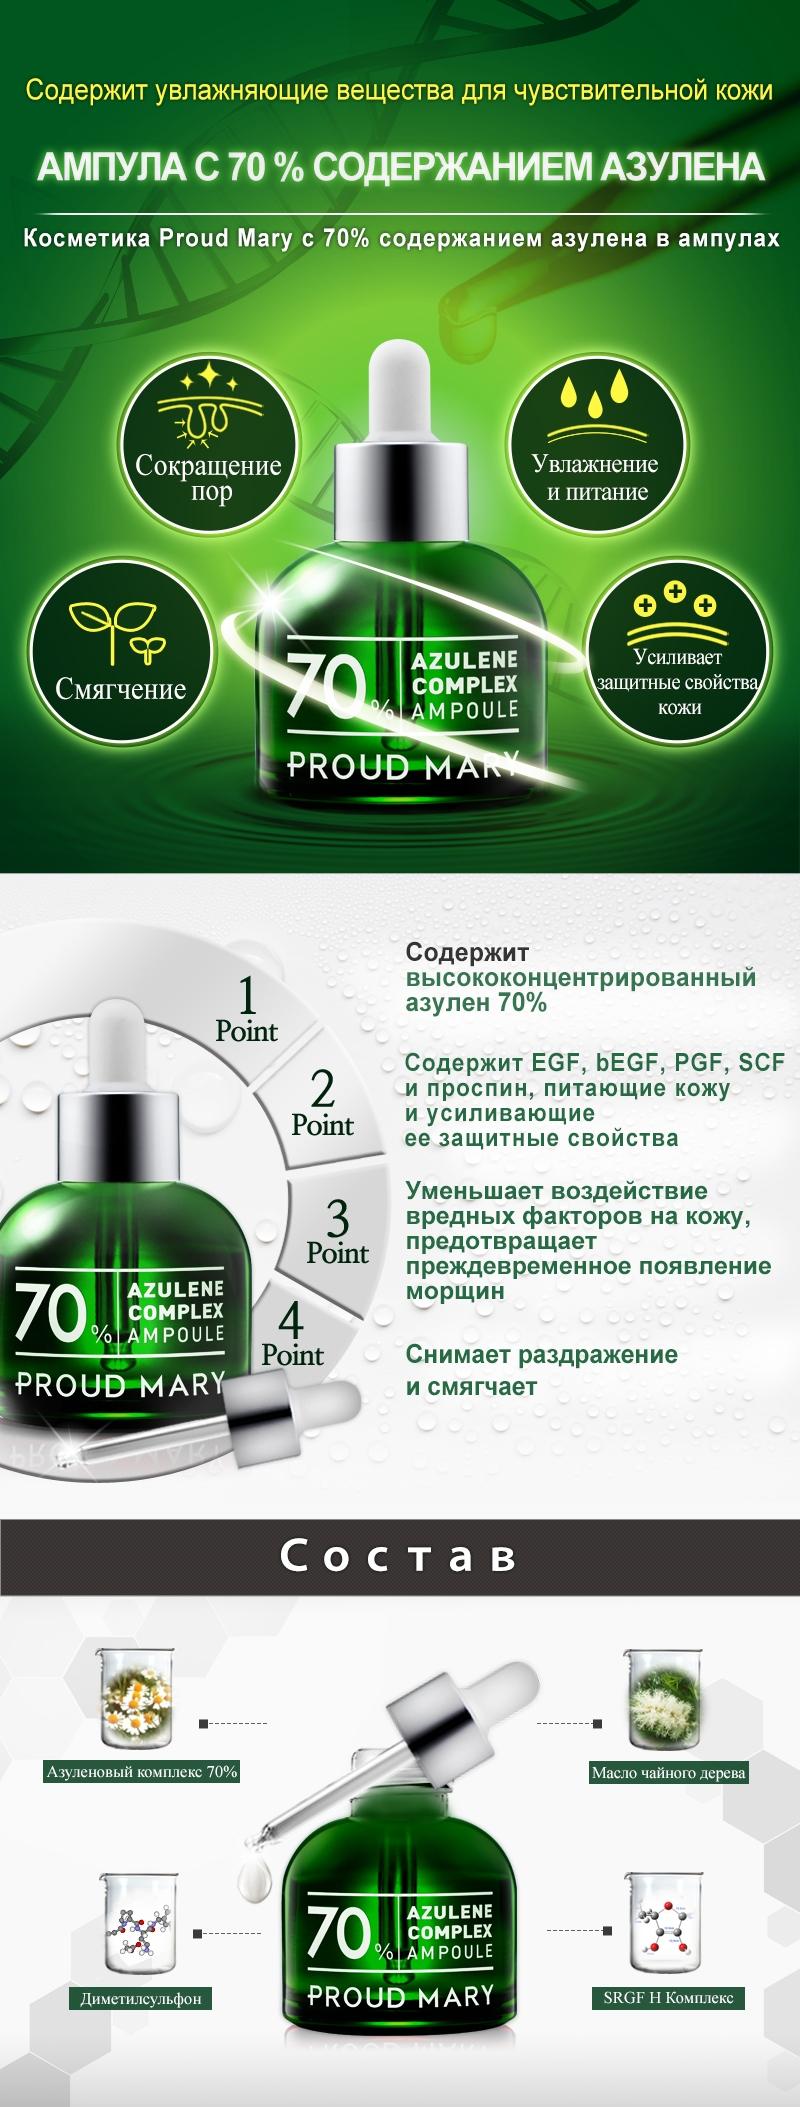 Комплекс азулена 70% в ампуле Proud Mary